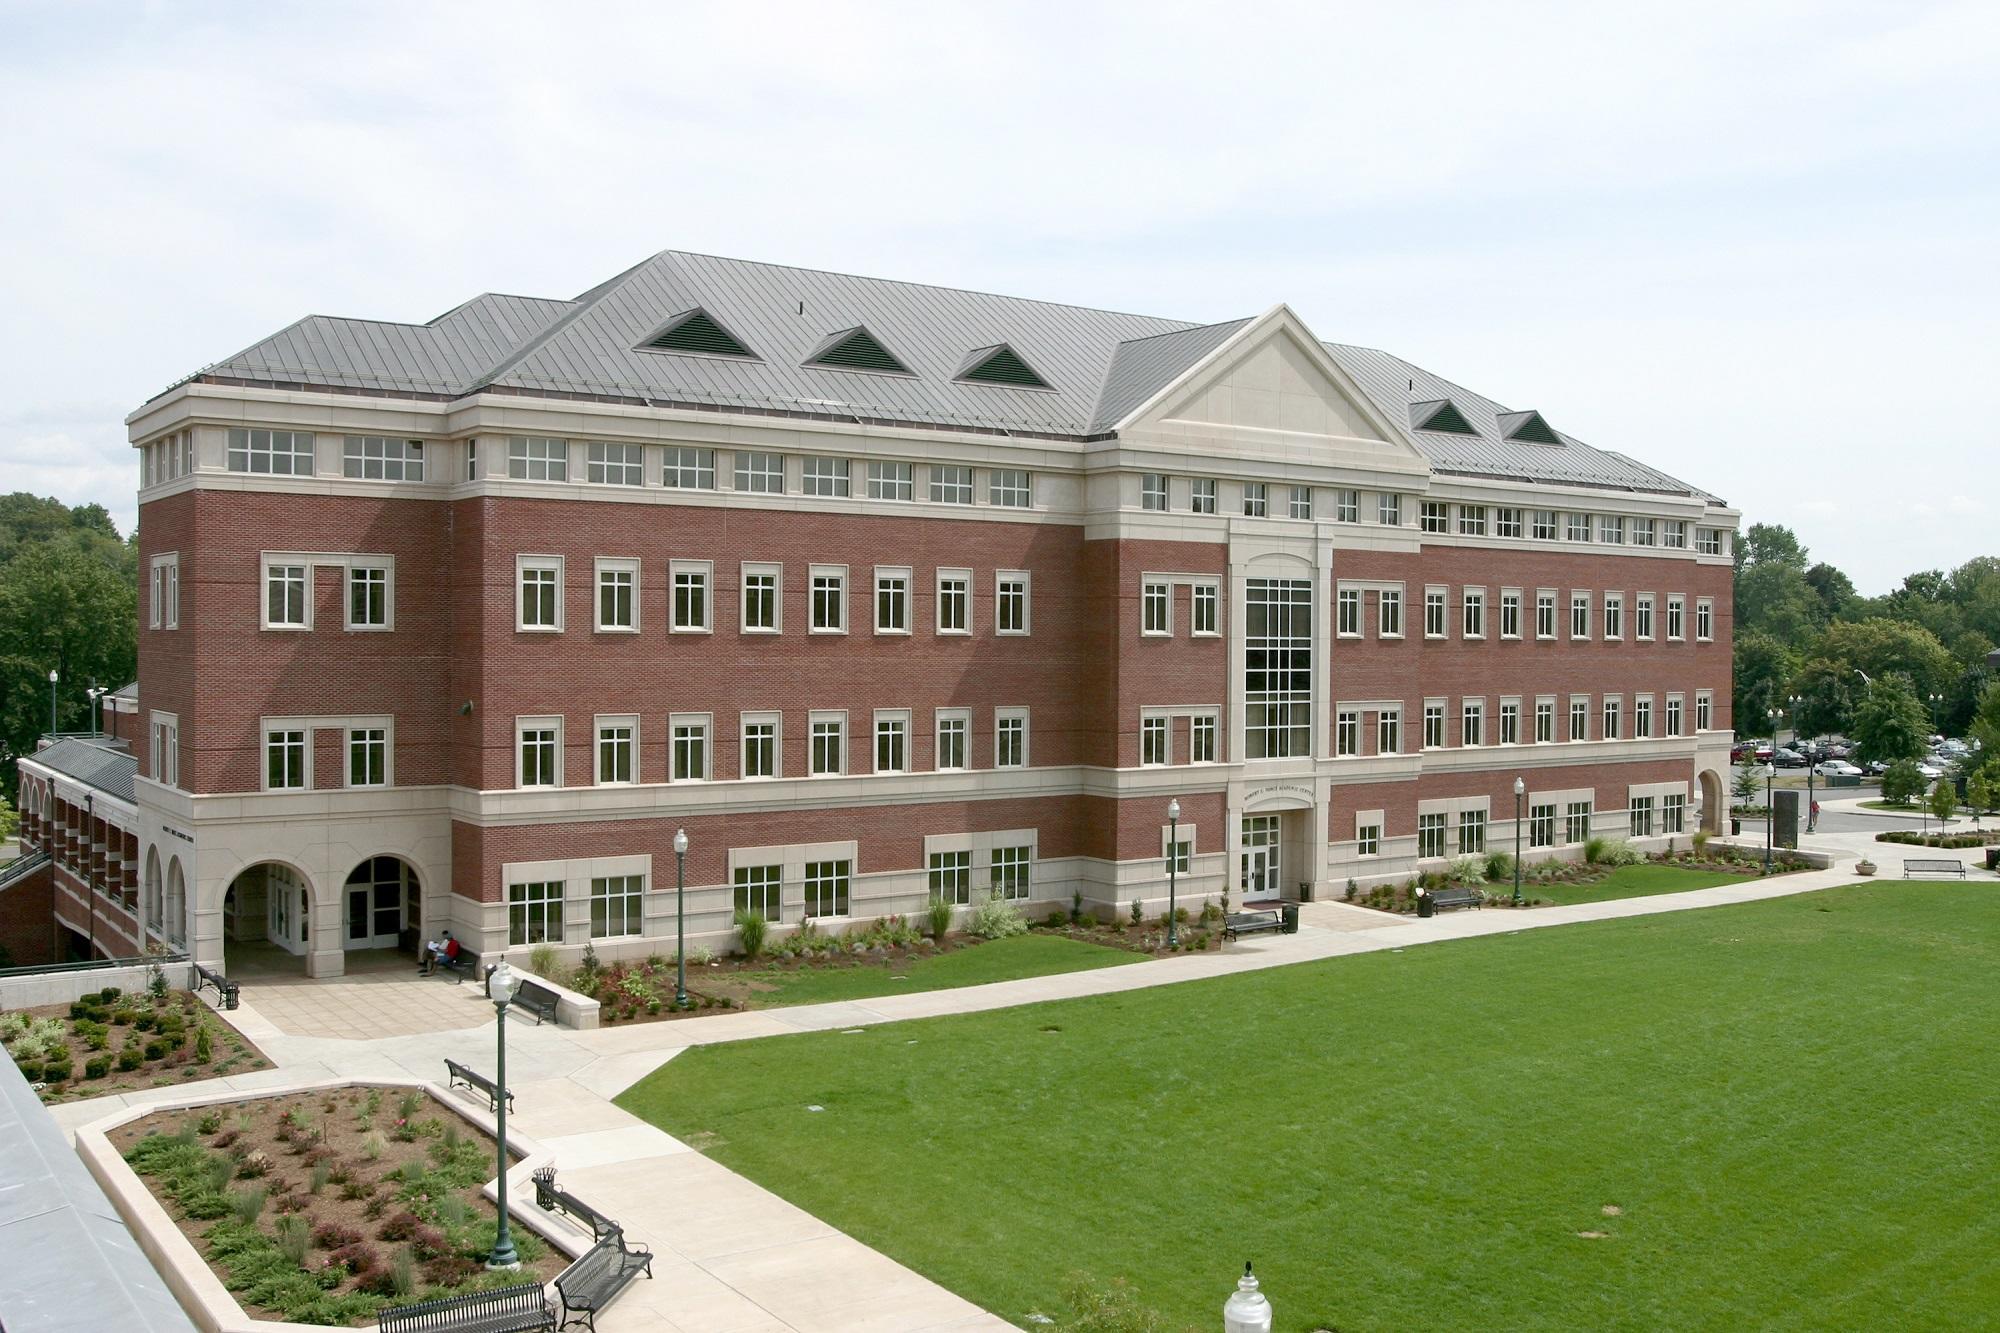 ダブル・ディグリー・プログラムが2018年4月始動 -- 関東学院大学と海外大学で、学位の同時取得が可能に -- 米 セントラル・コネチカット州立大学、豪 ニューカッスル大学と連携